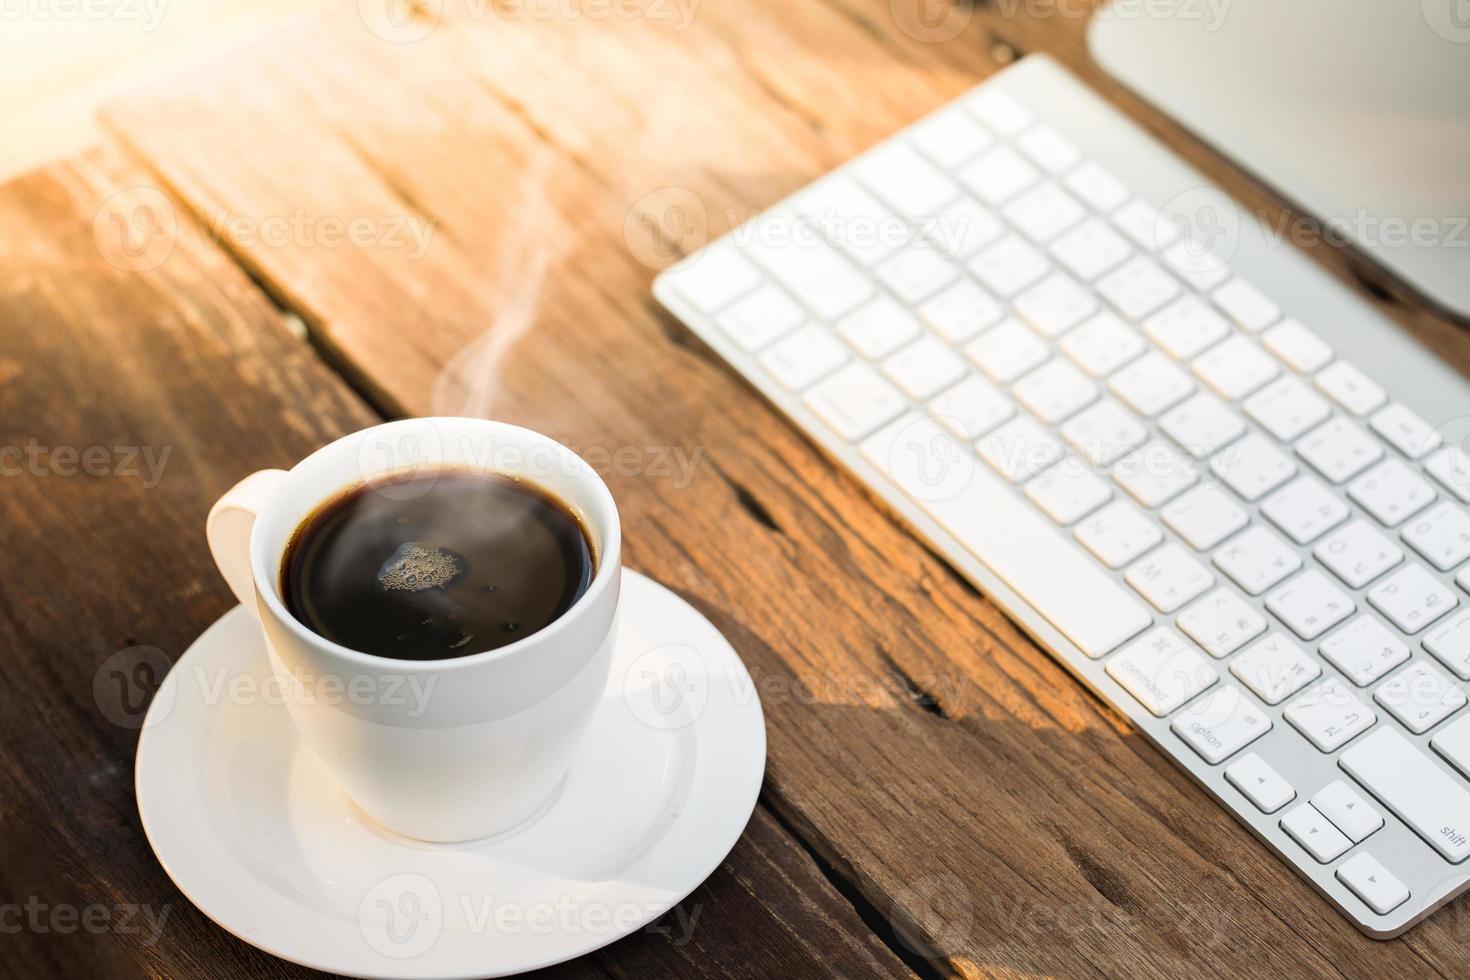 Kaffee mit Business-Tisch foto